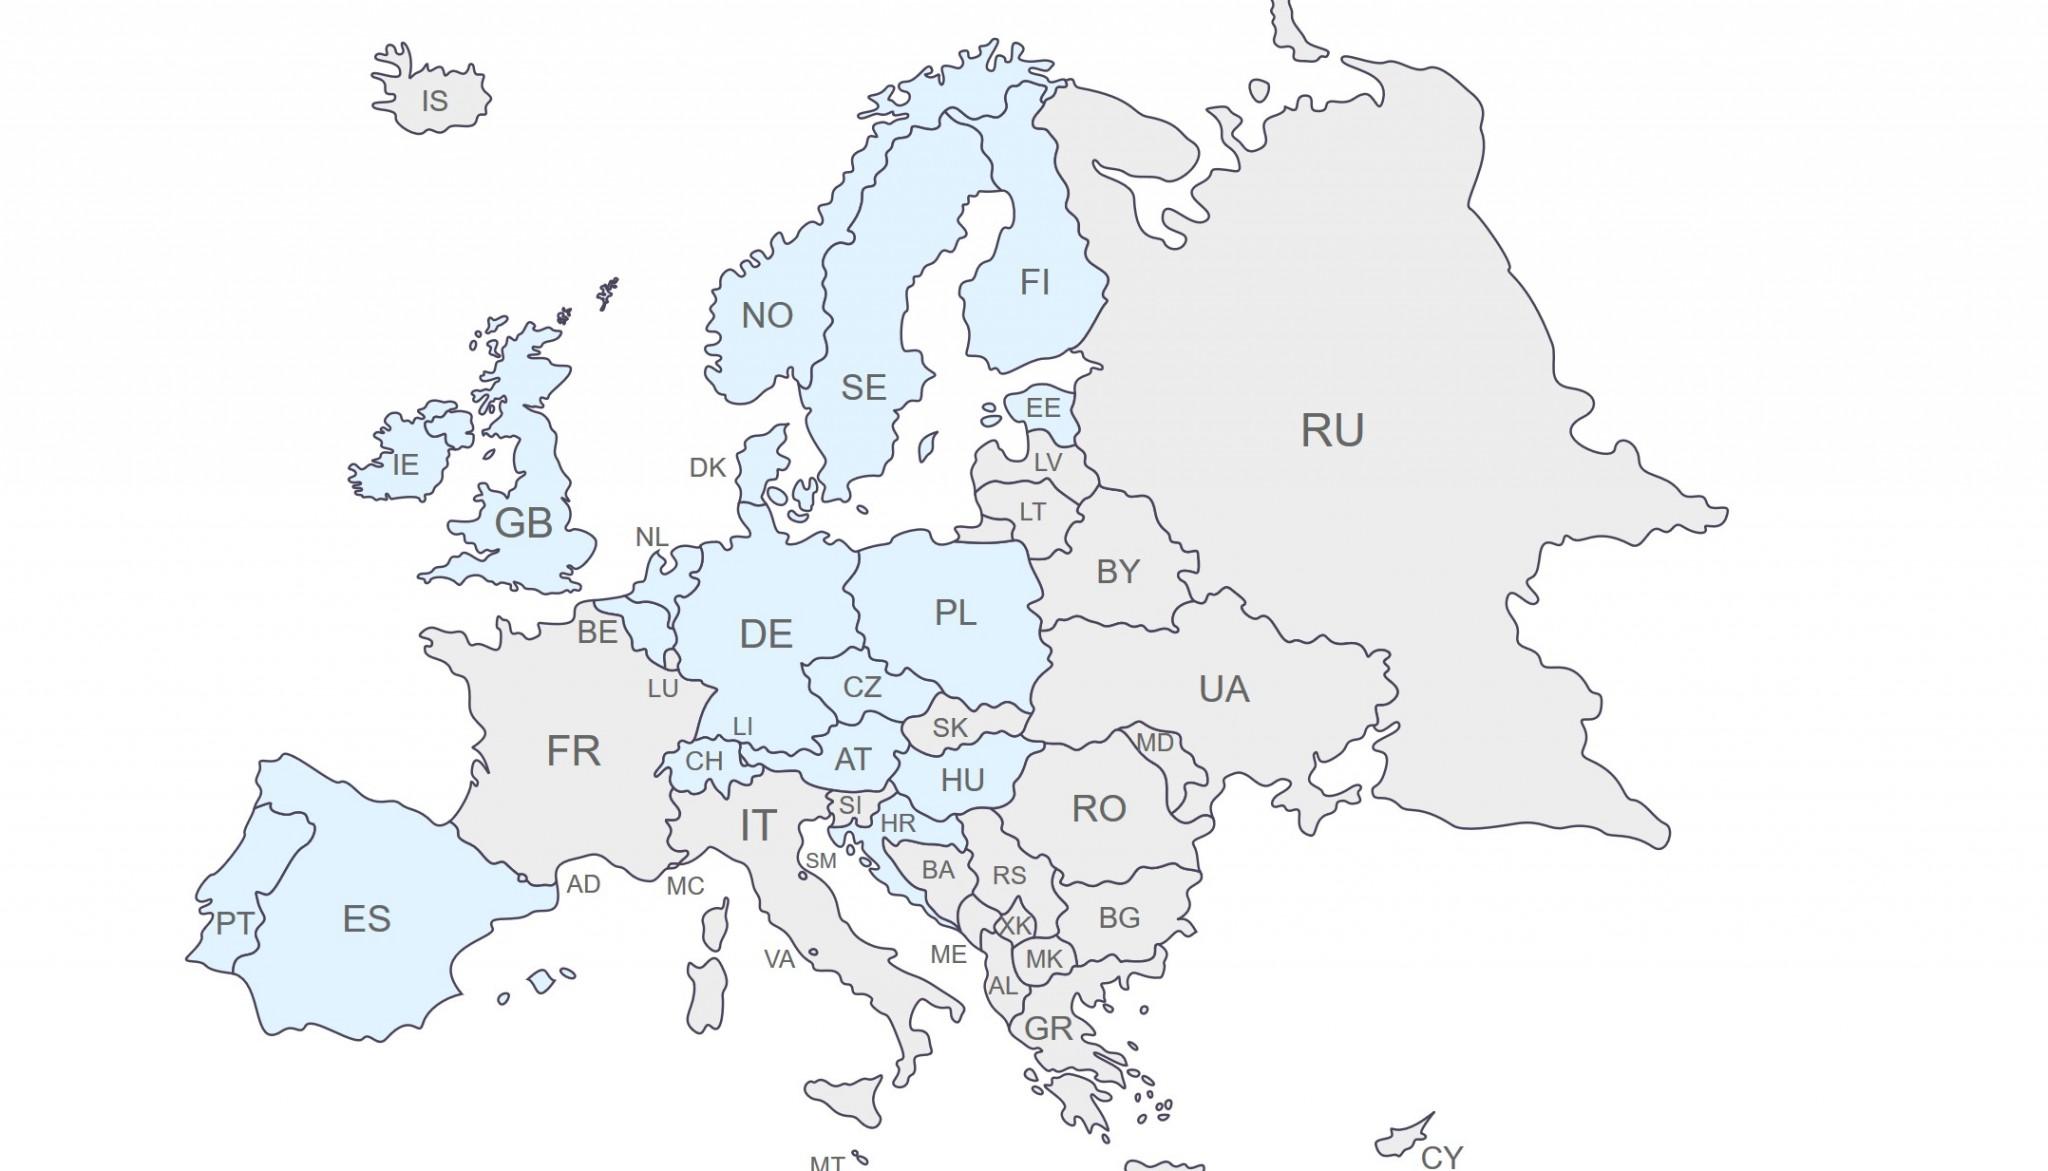 Aurons-nous 2 championnats d'Europe de padel en 2019 ?